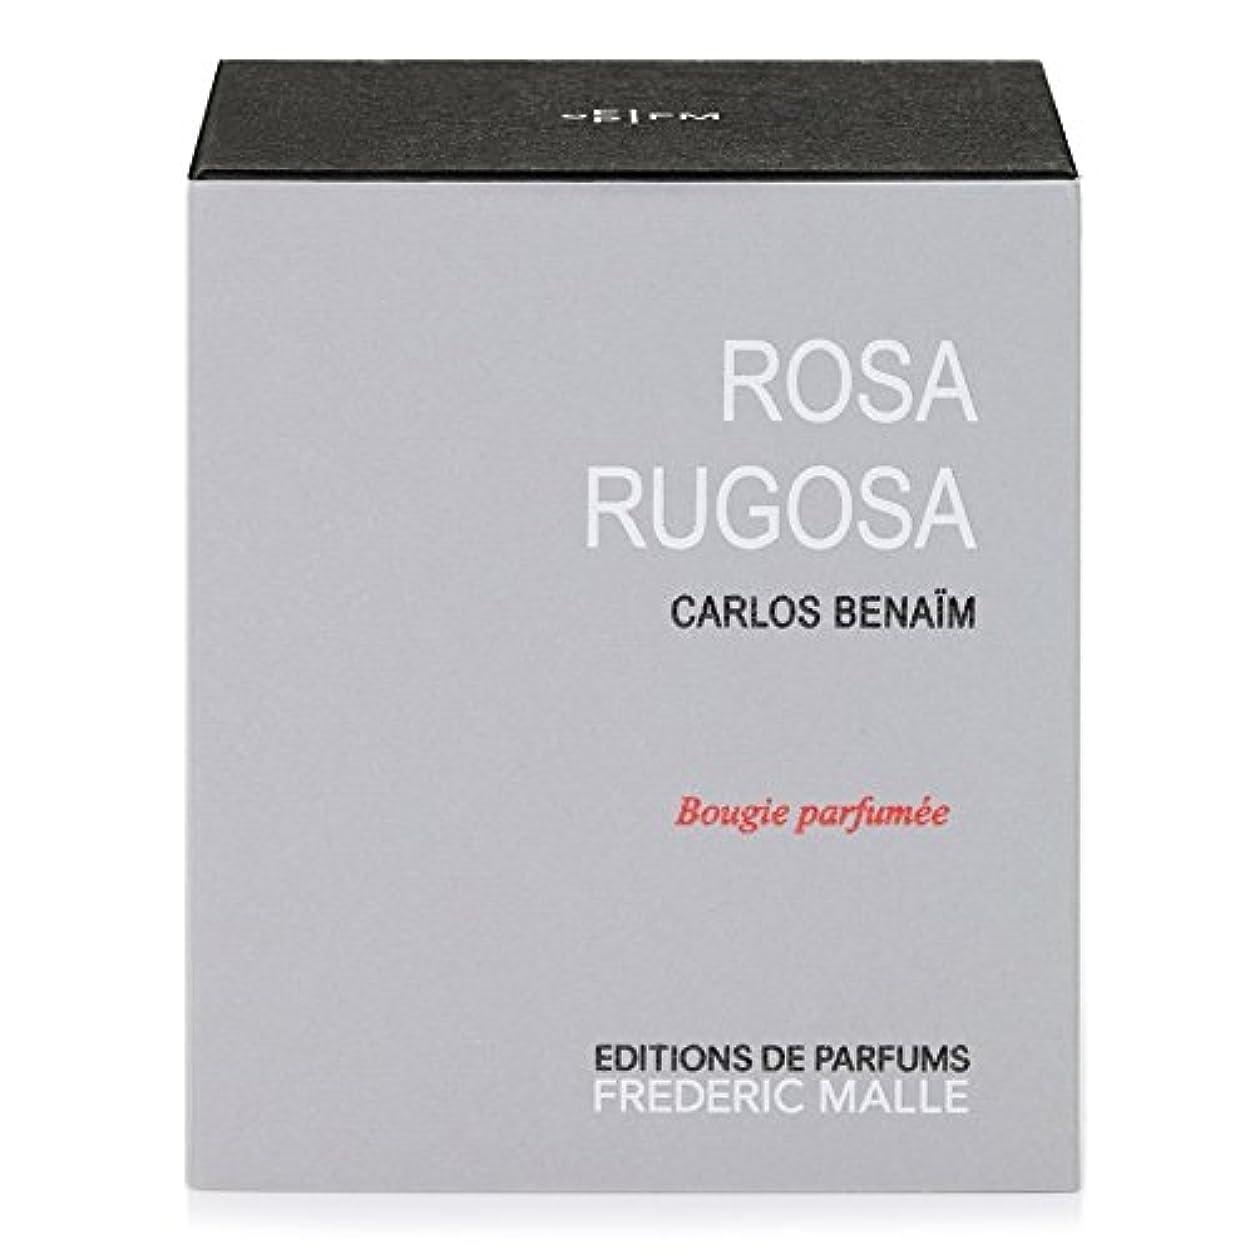 浸漬現在きしむフレデリック?マルハマナスの香りのキャンドル x6 - Frederic Malle Rosa Rugosa Scented Candle (Pack of 6) [並行輸入品]